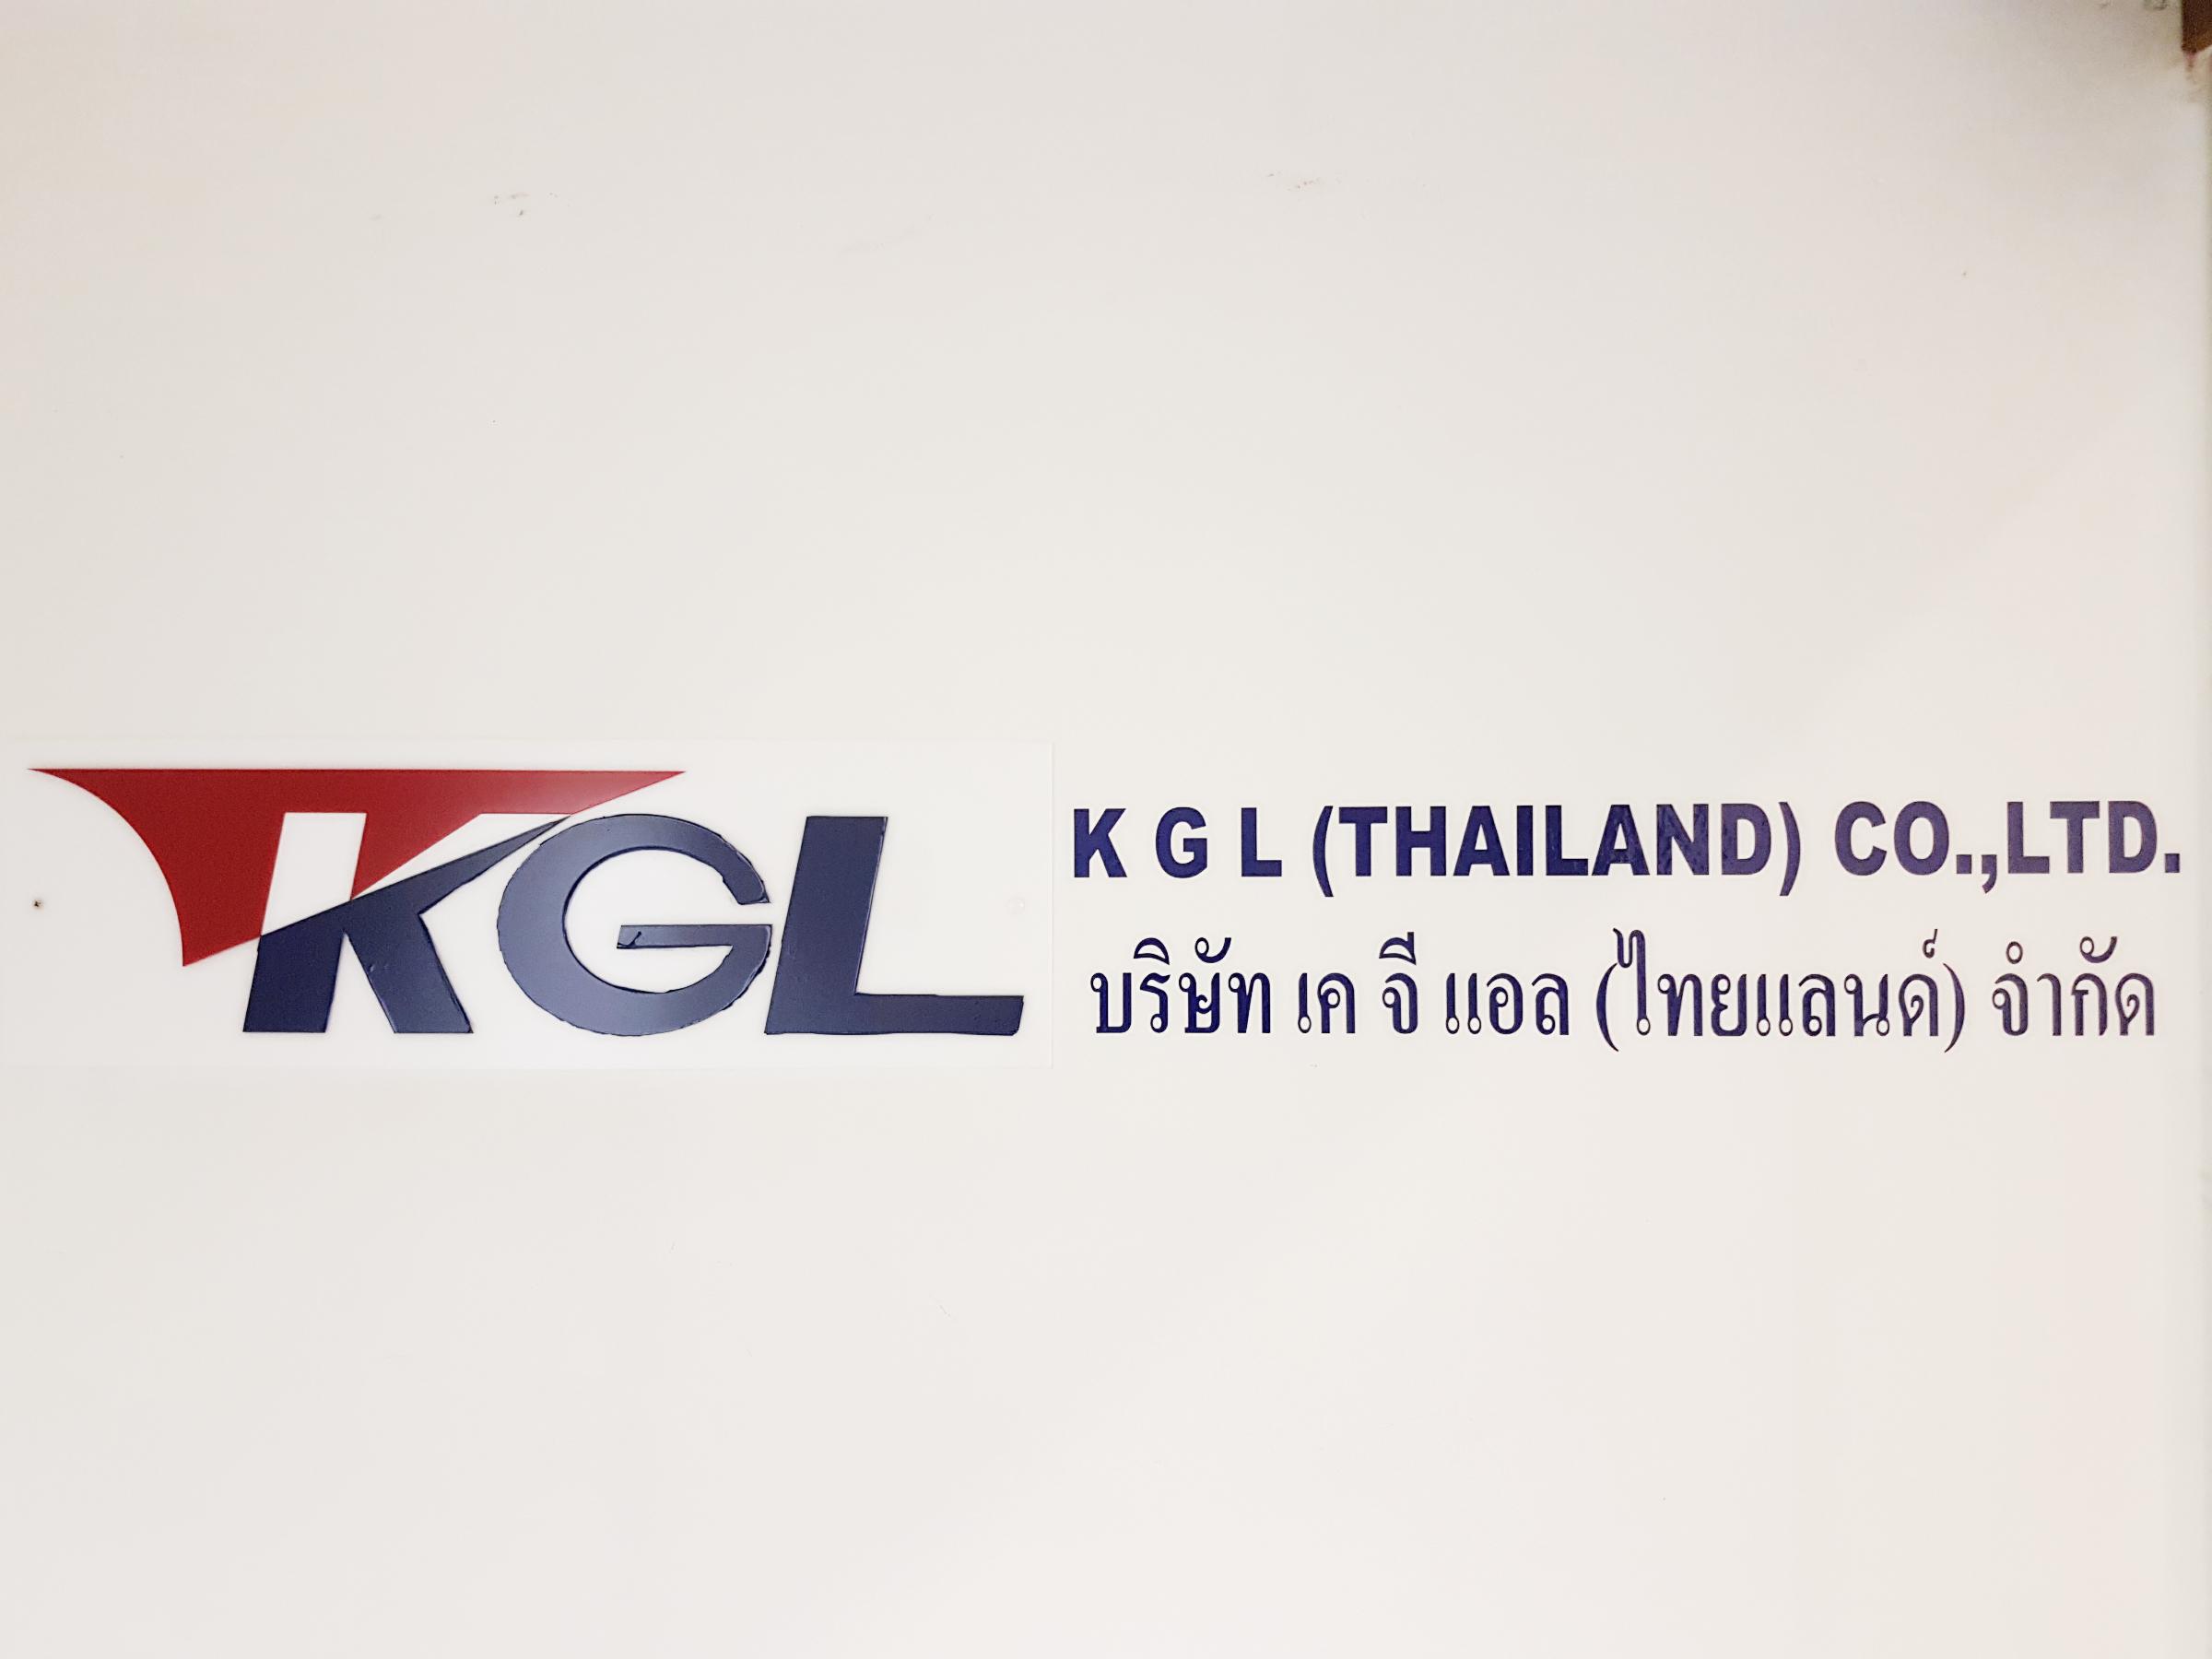 Global Network – KGL